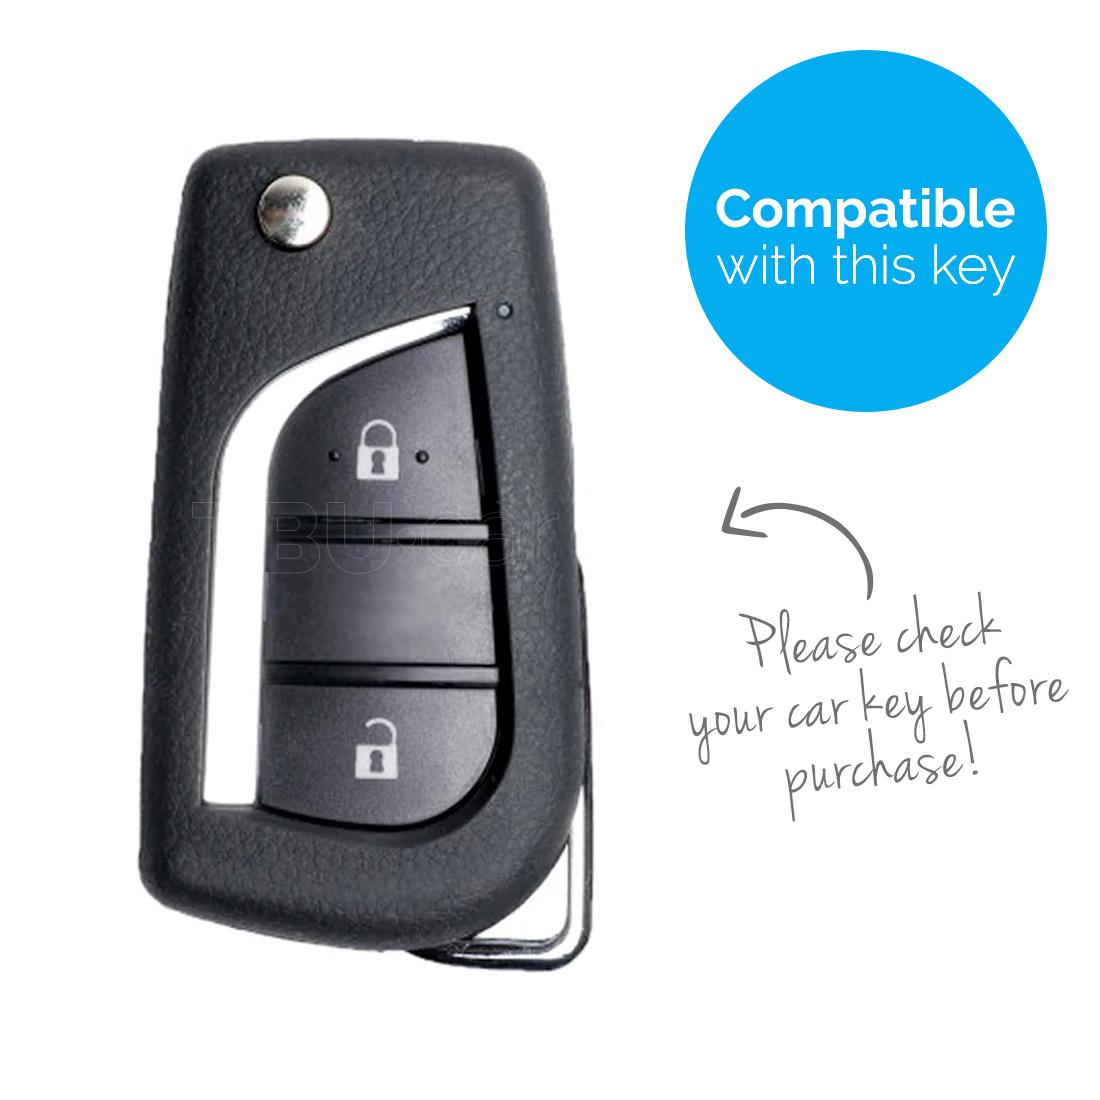 TBU car Autoschlüssel Hülle für Peugeot 2 Tasten - Schutzhülle aus Silikon - Auto Schlüsselhülle Cover in Weiß